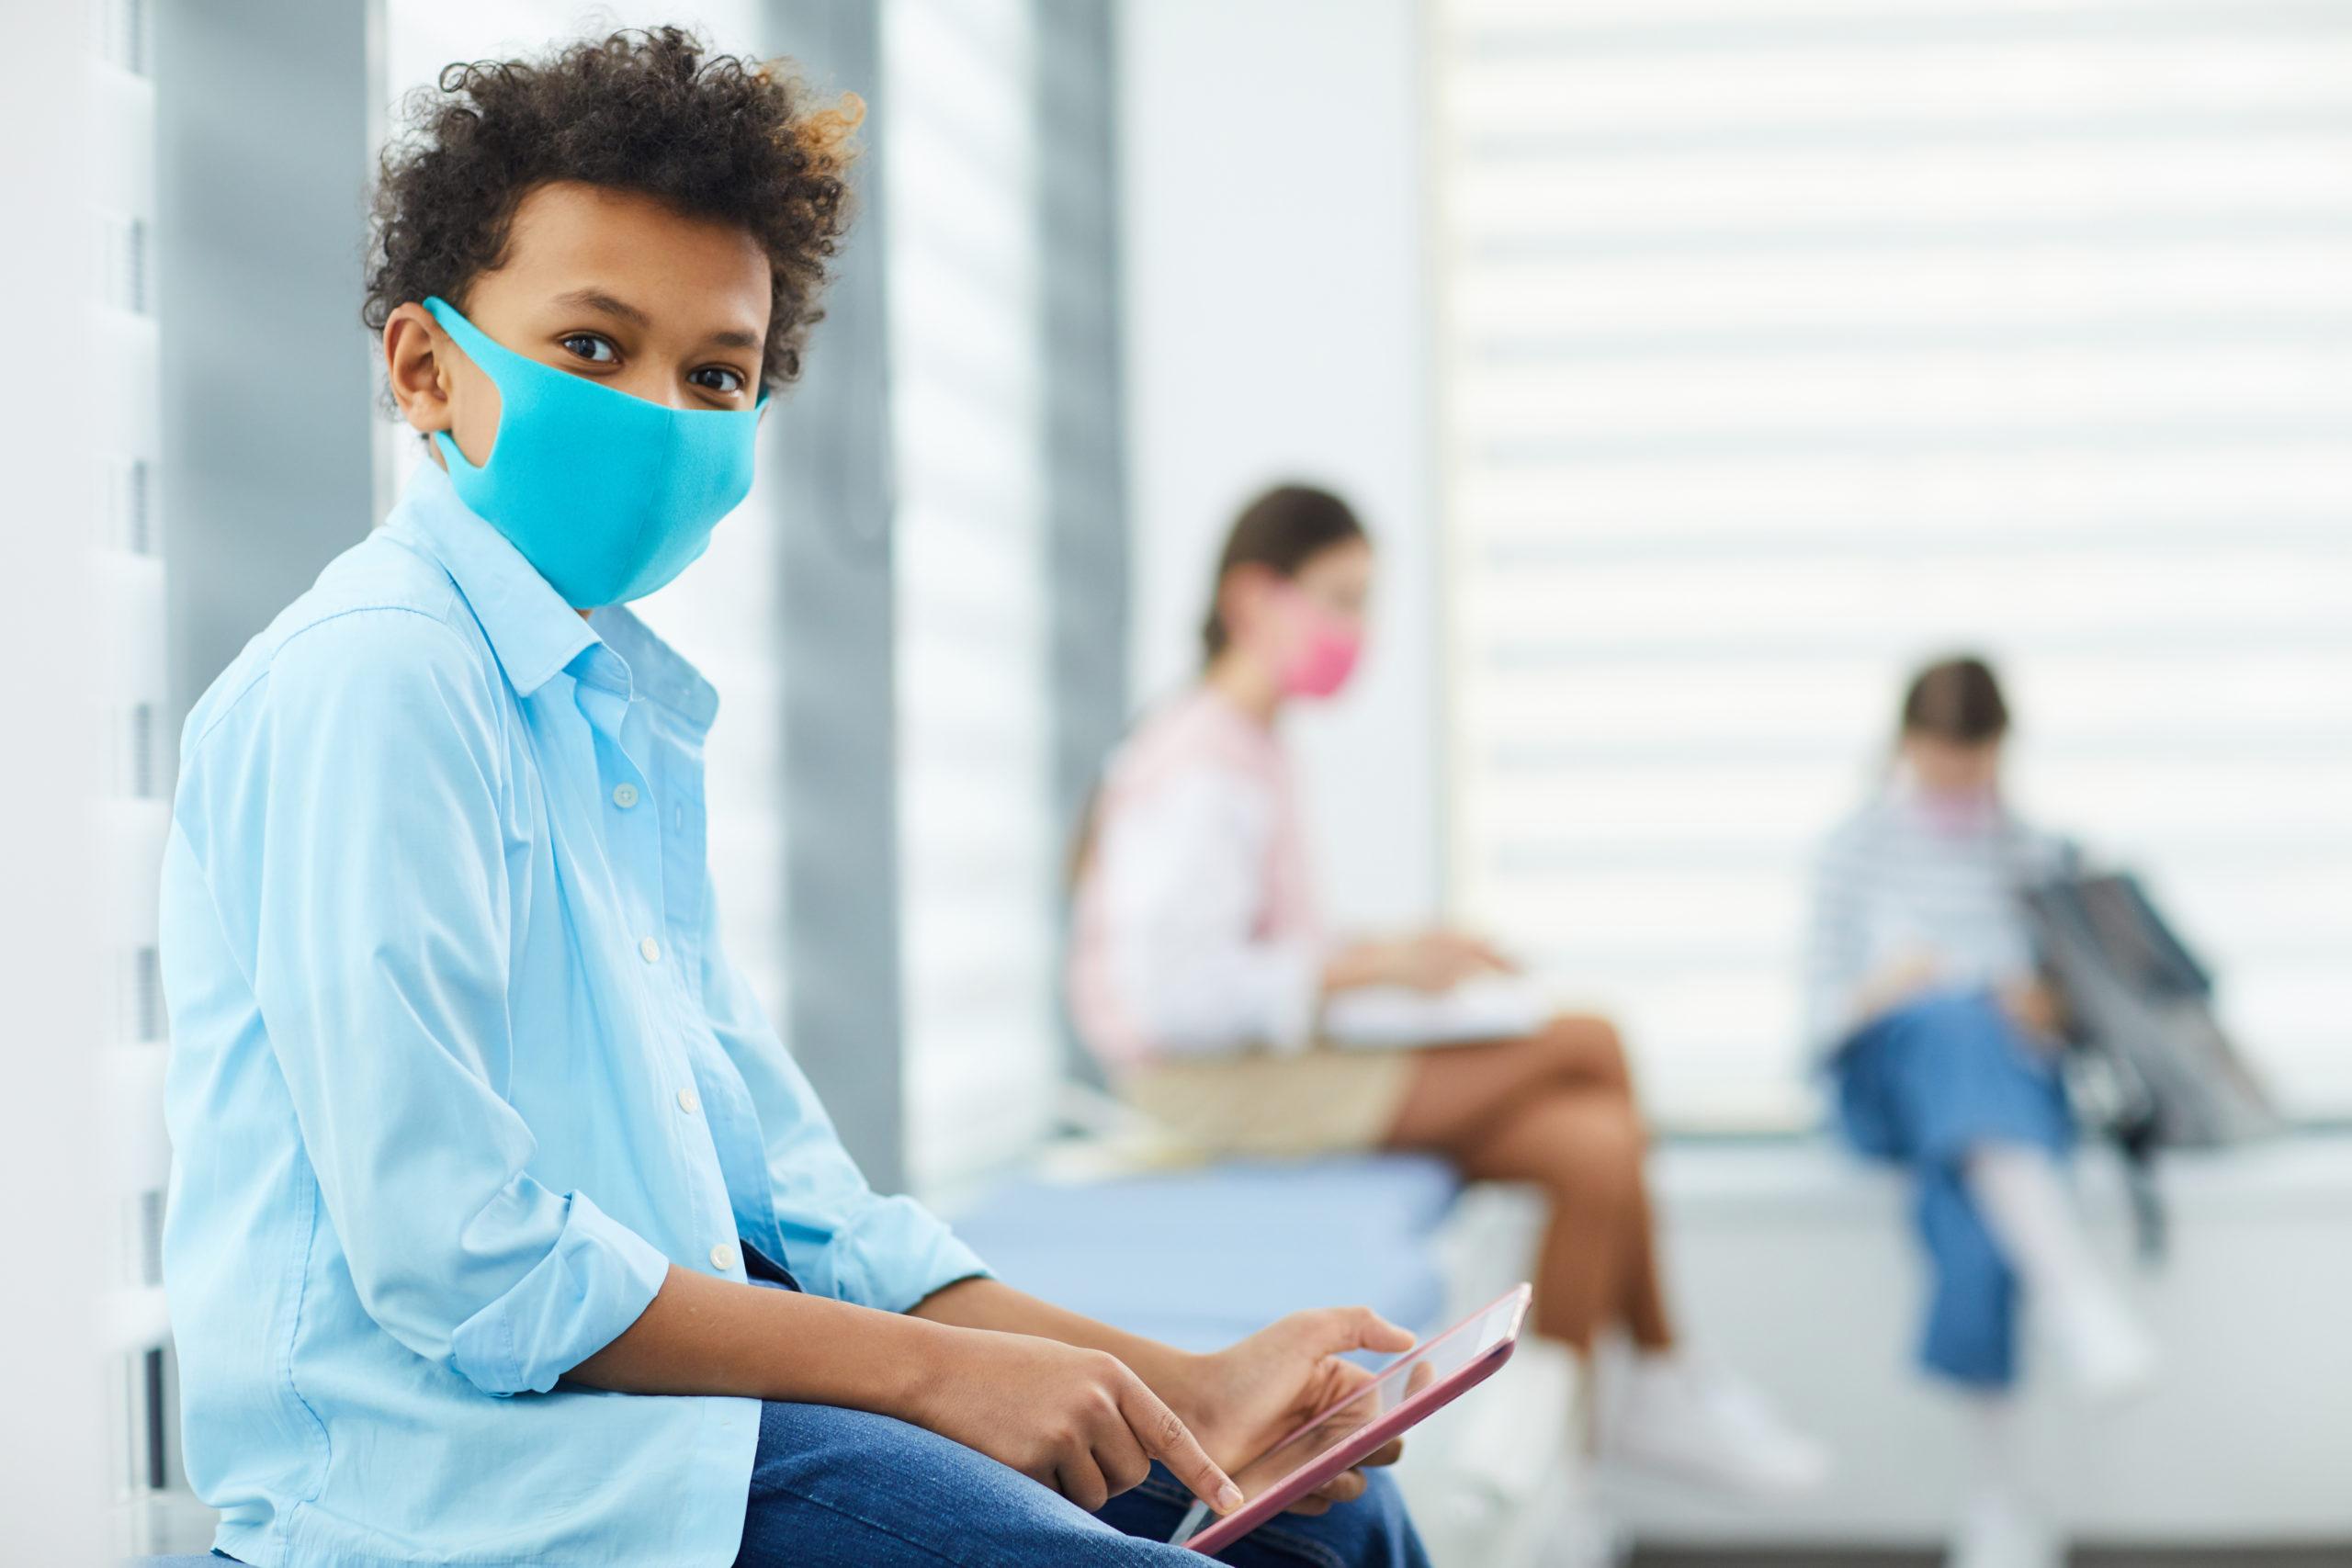 Kindergarten und Schulen desinfektion mit Kaltvernebelung